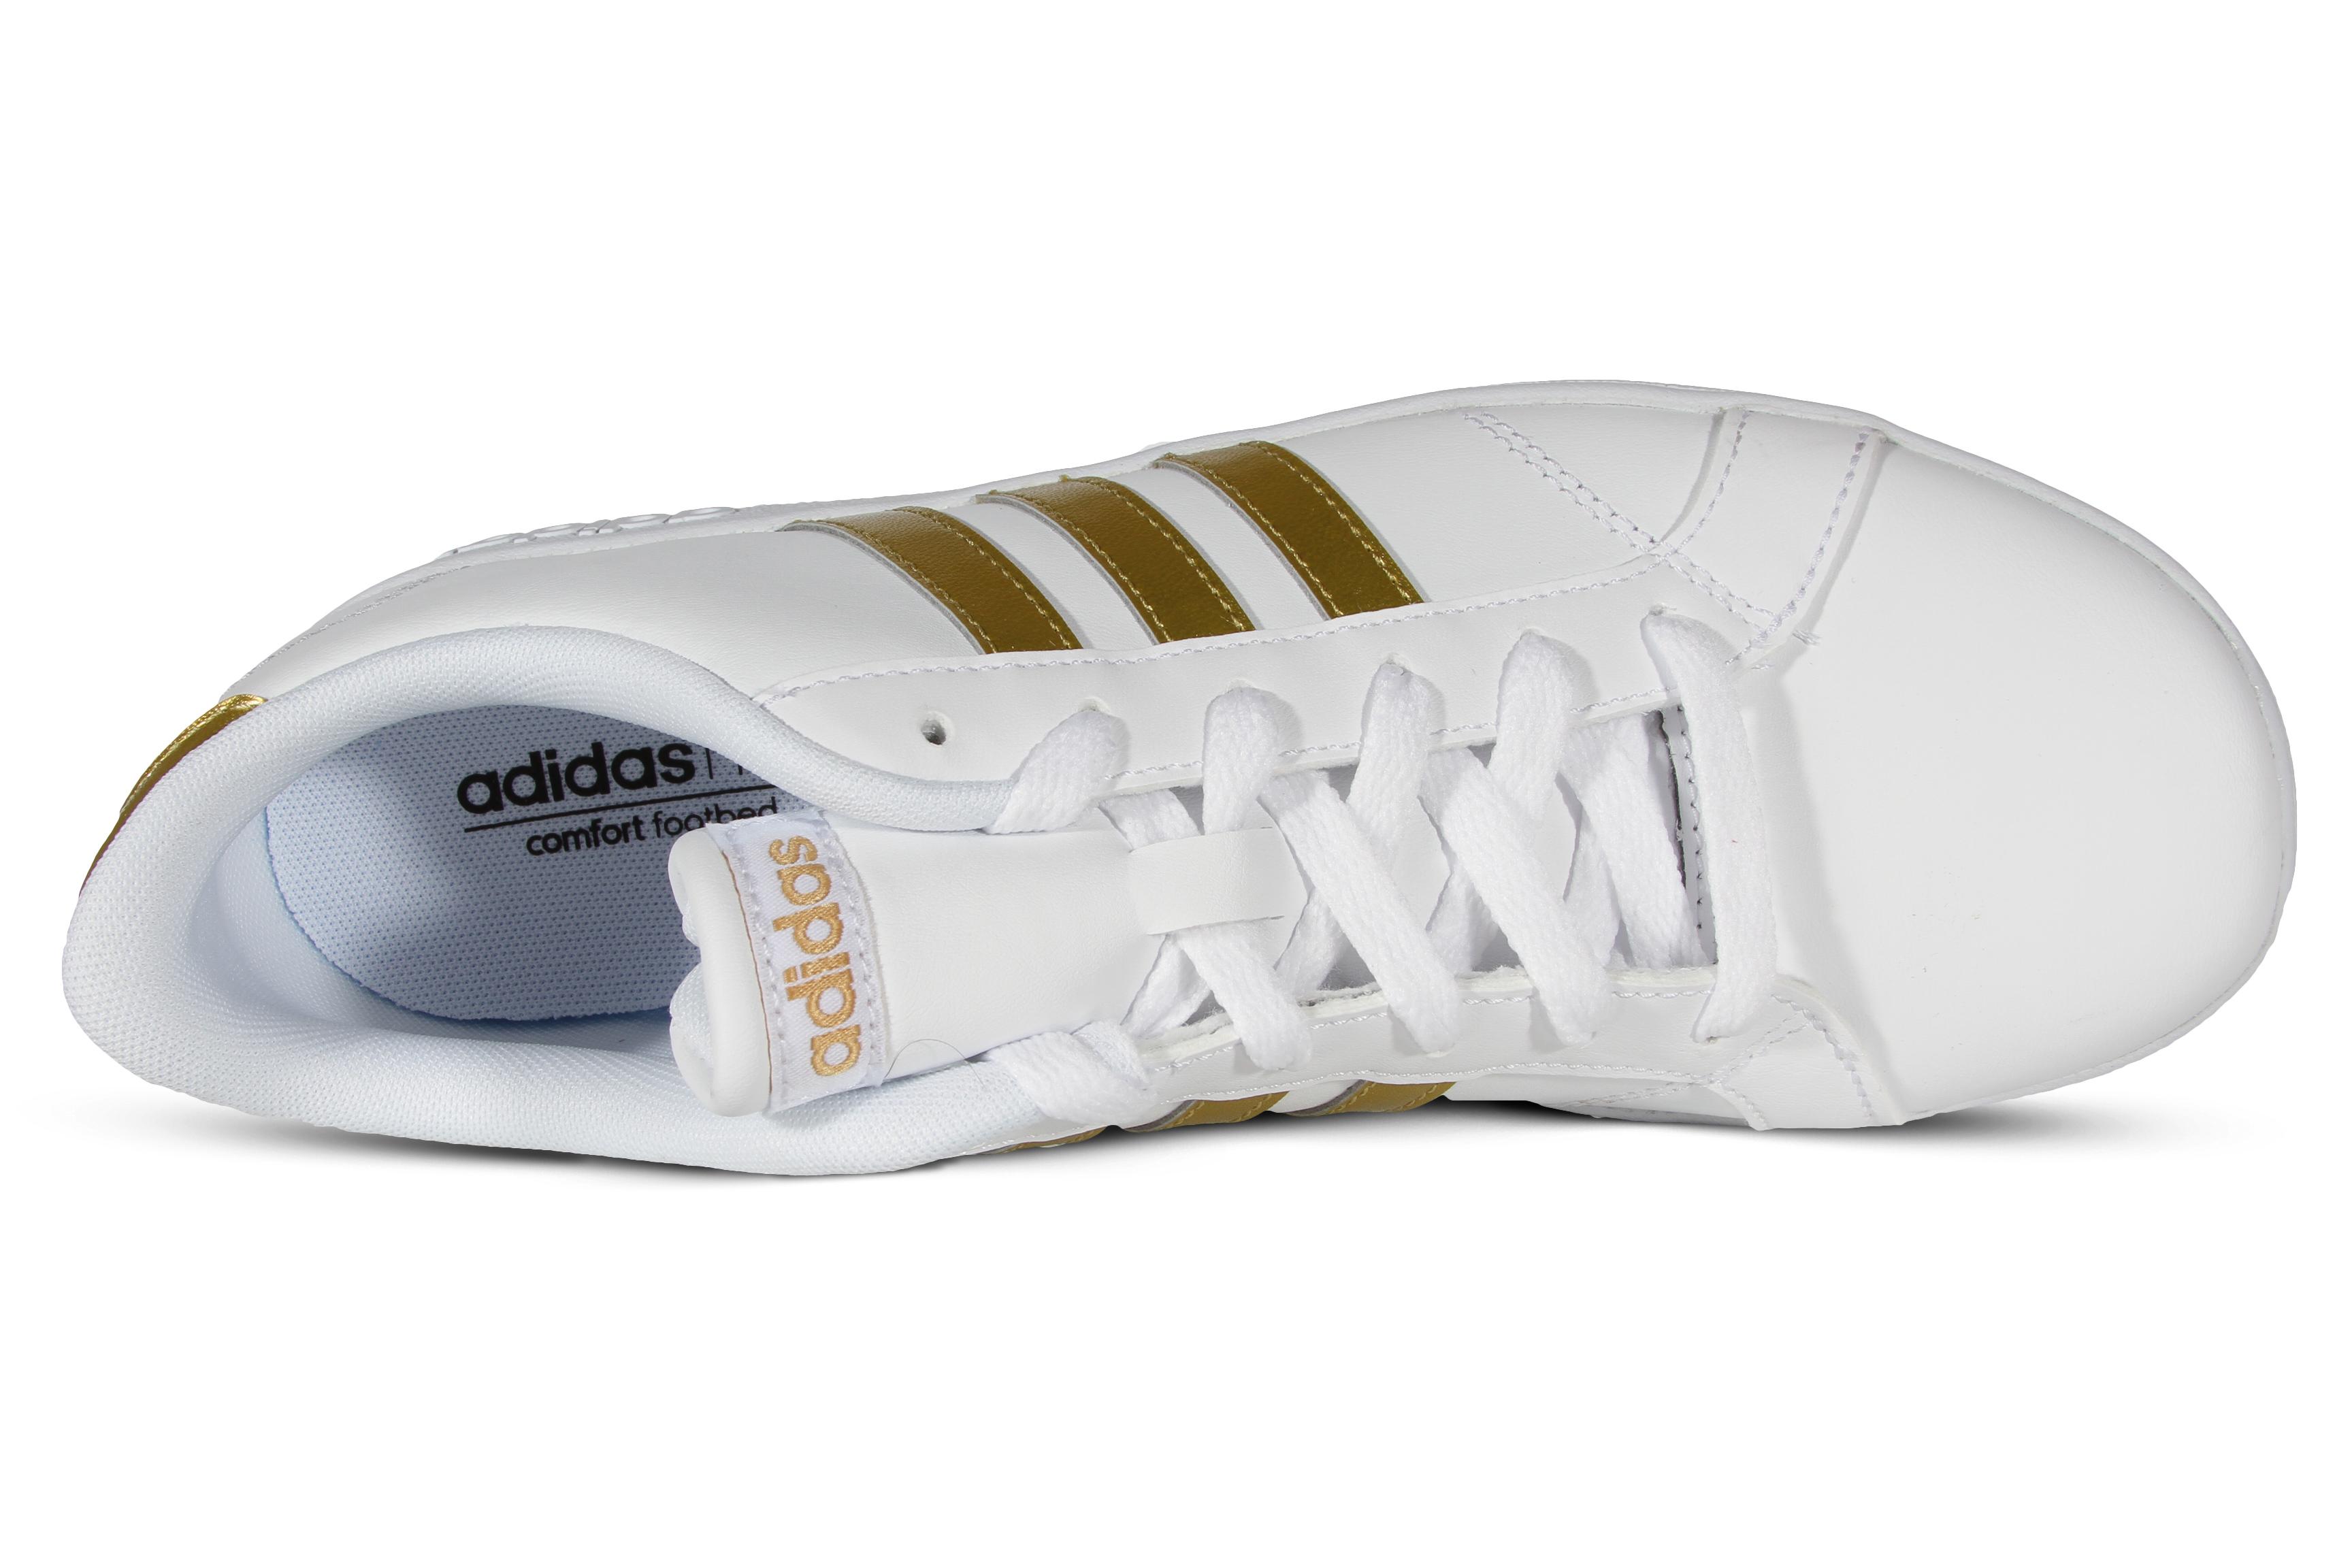 4d87011ef Adidas Baseline Kid s Sneakers CG5844